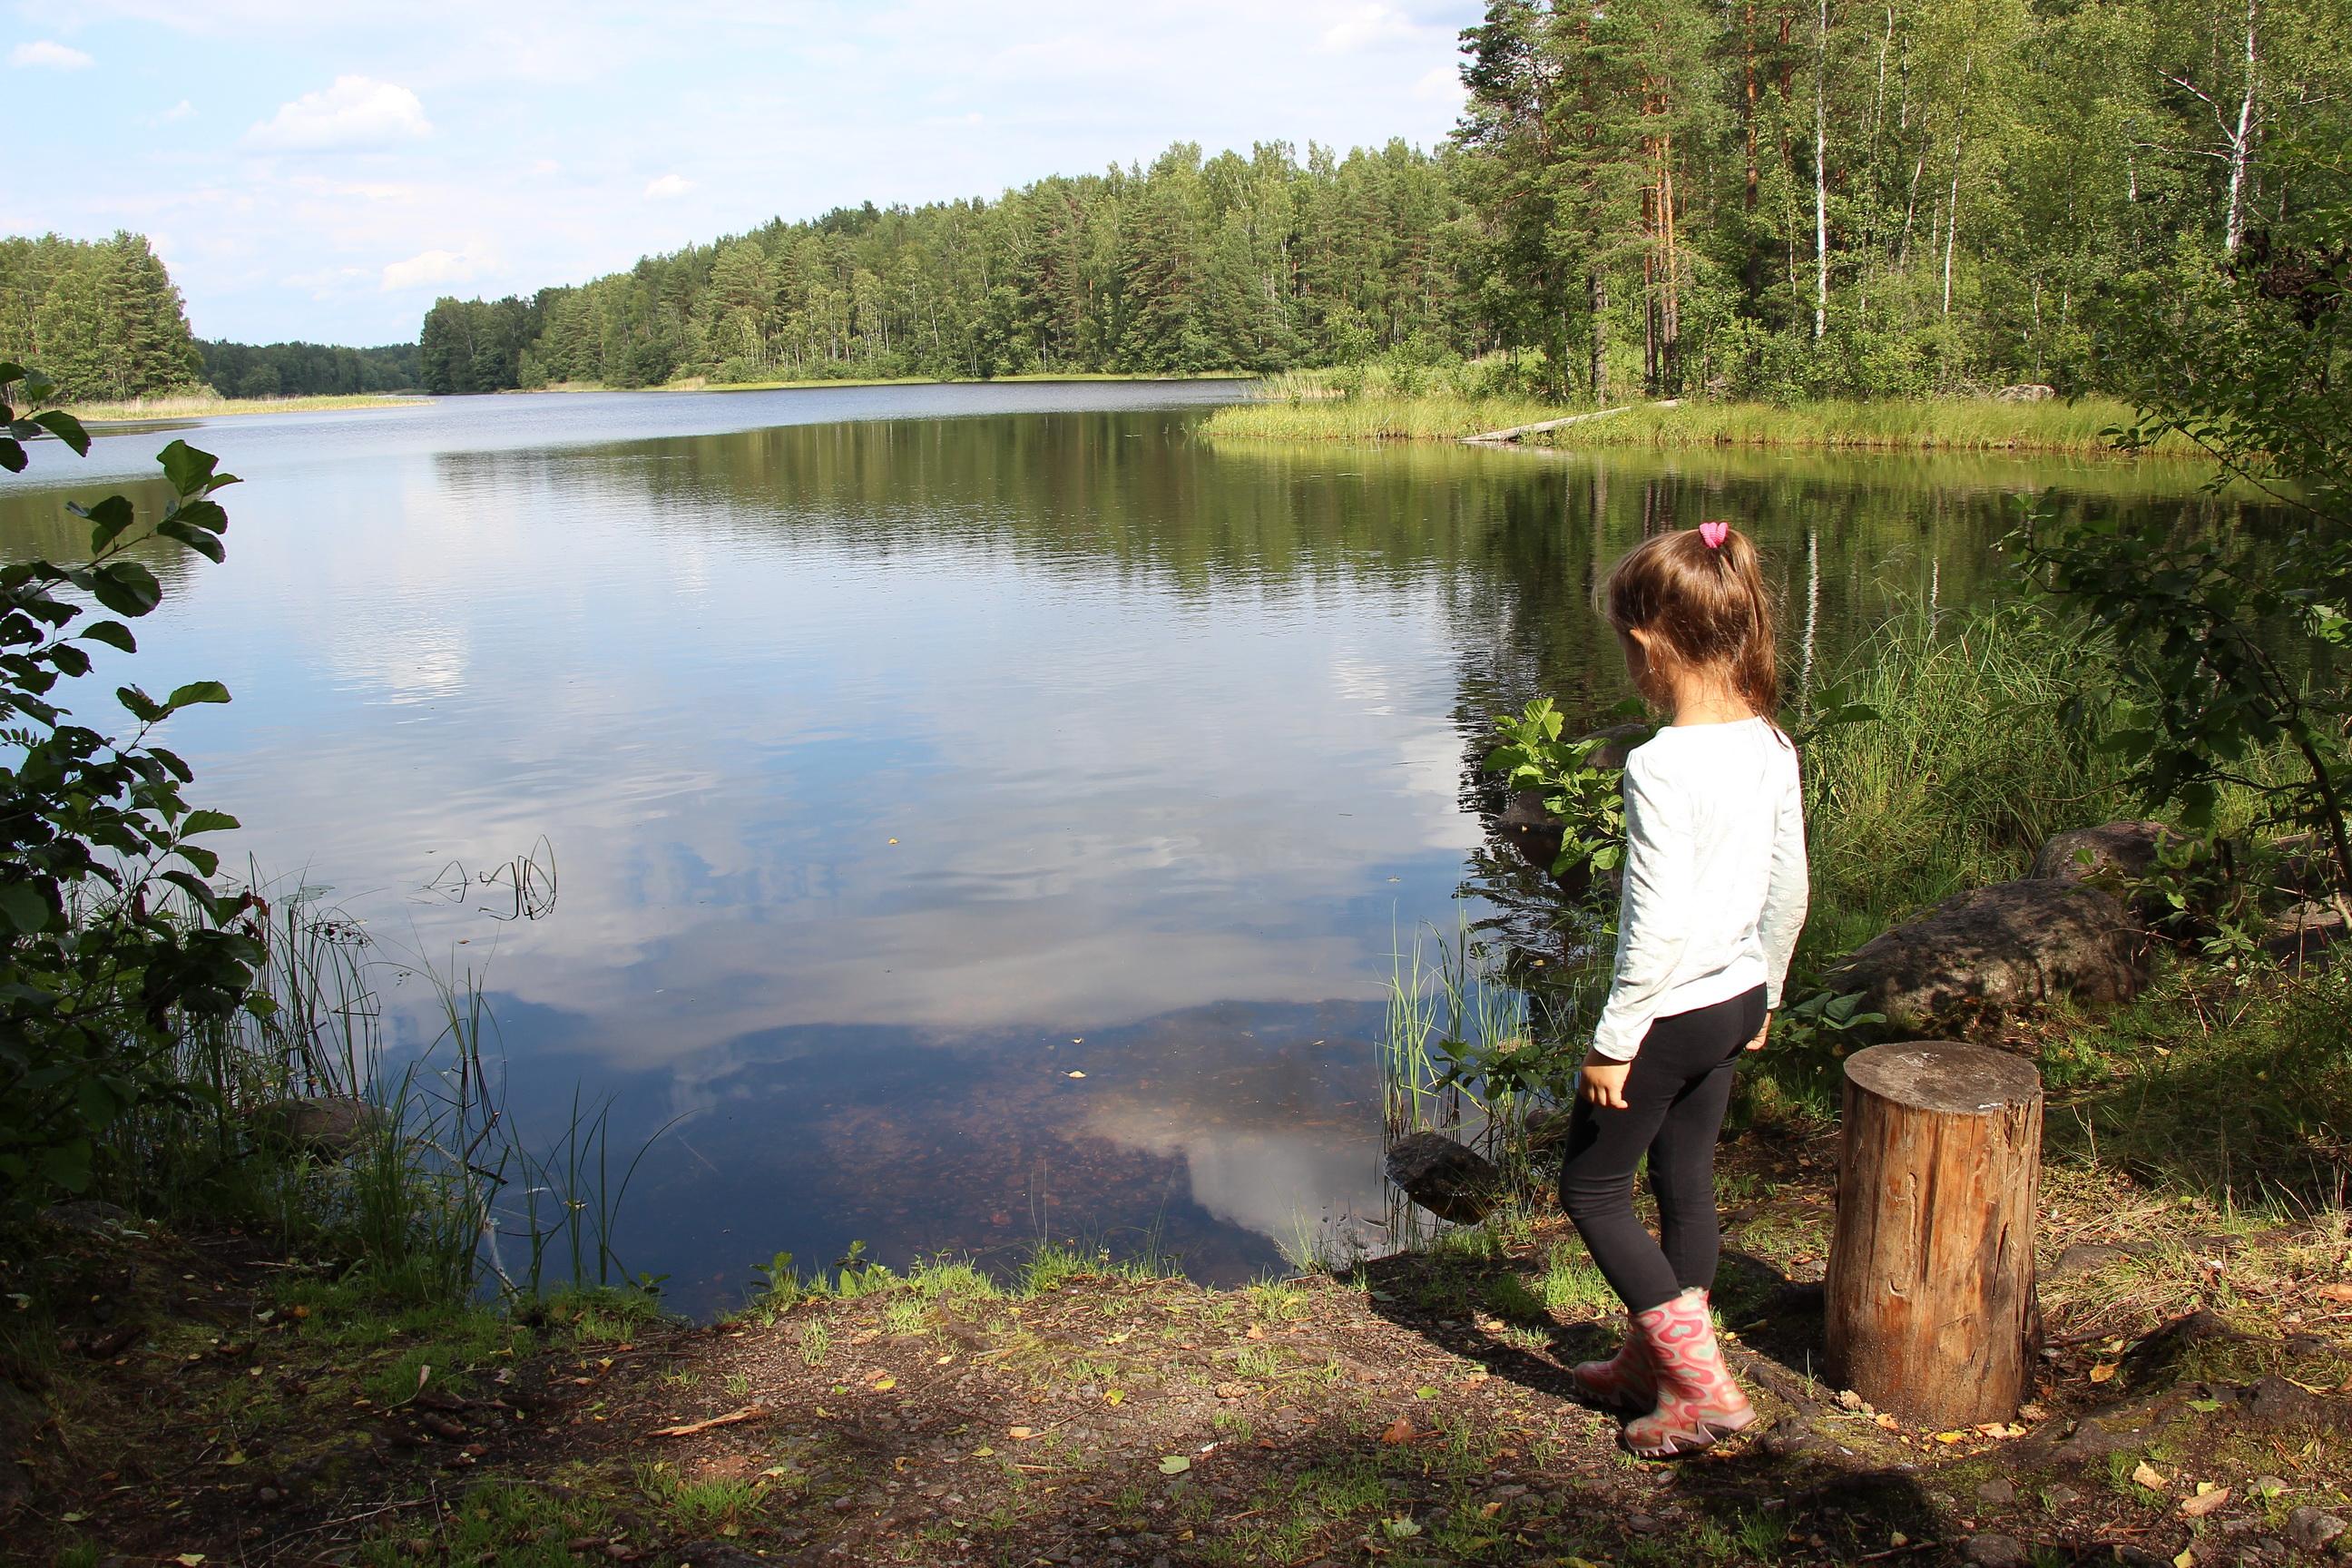 Река превращается в озеро, а потом снова становится рекой